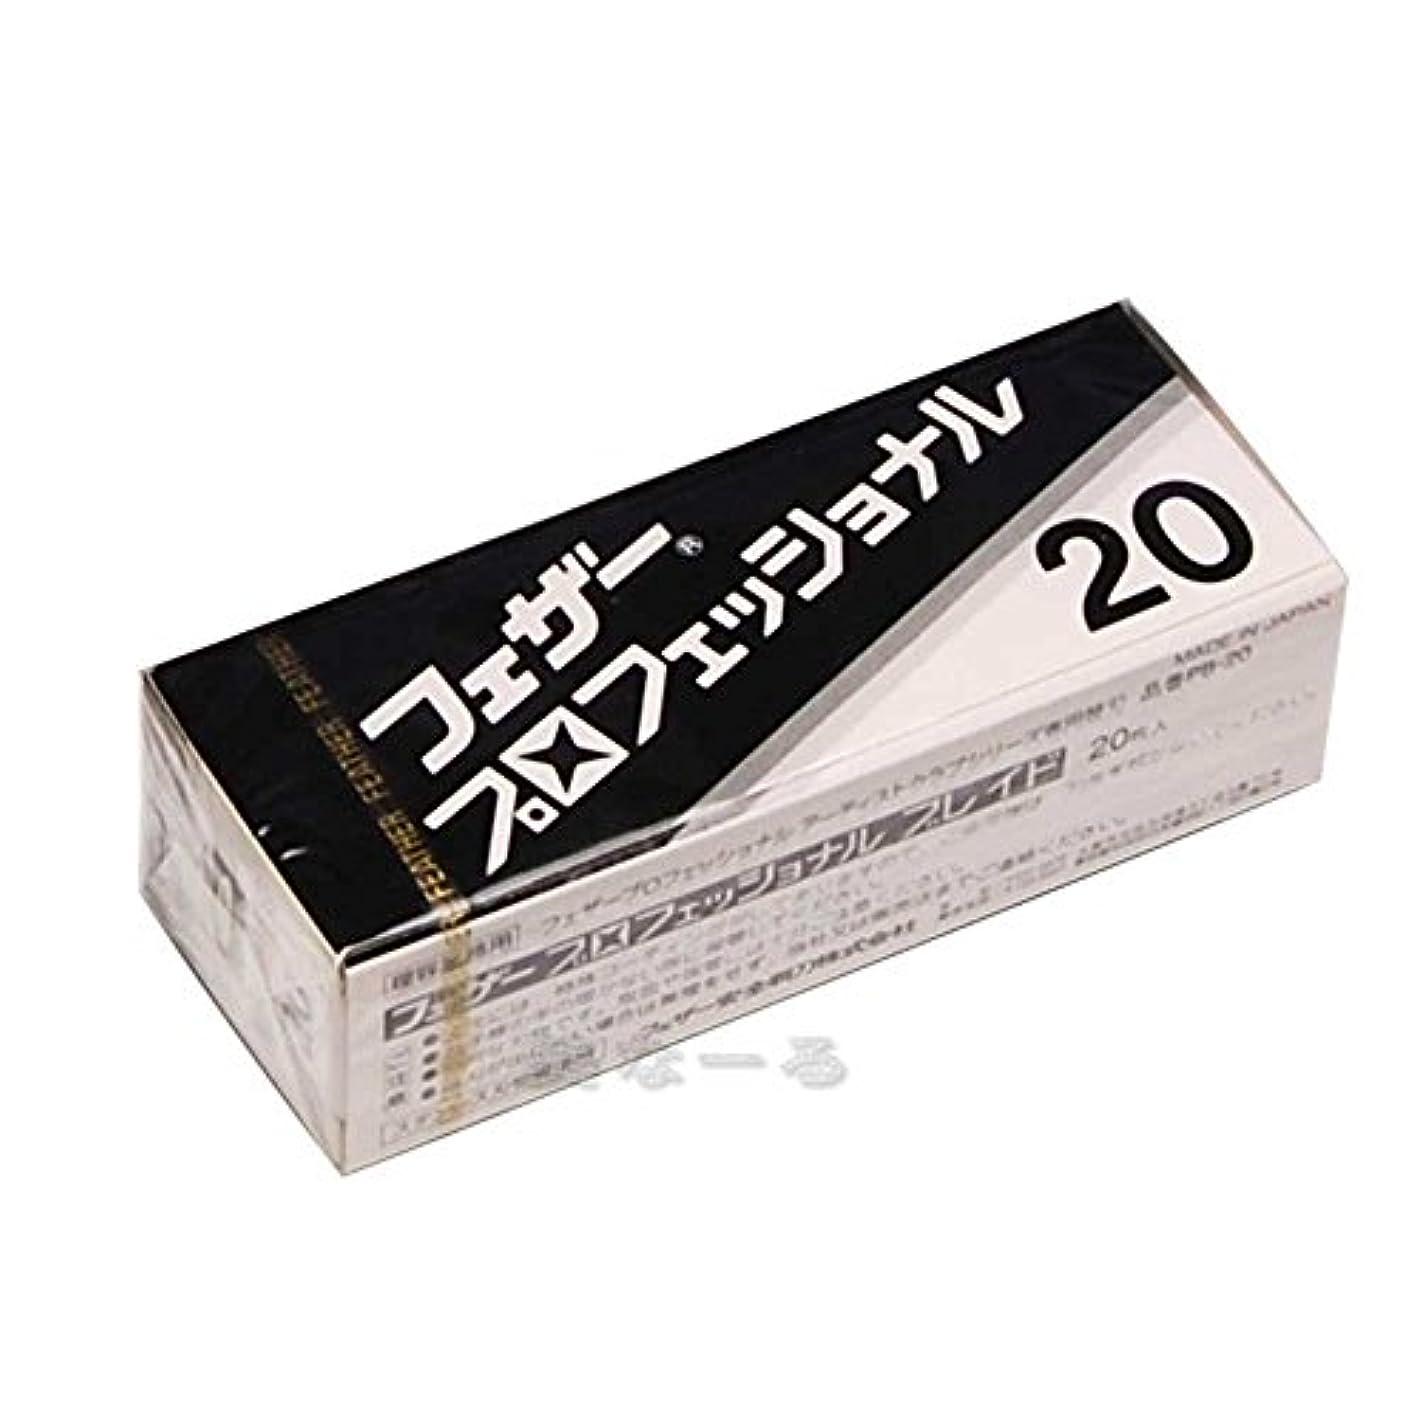 方向うまくやる()佐賀フェザー プロフェッショナル ブレイド PB-20 替刃 20枚入